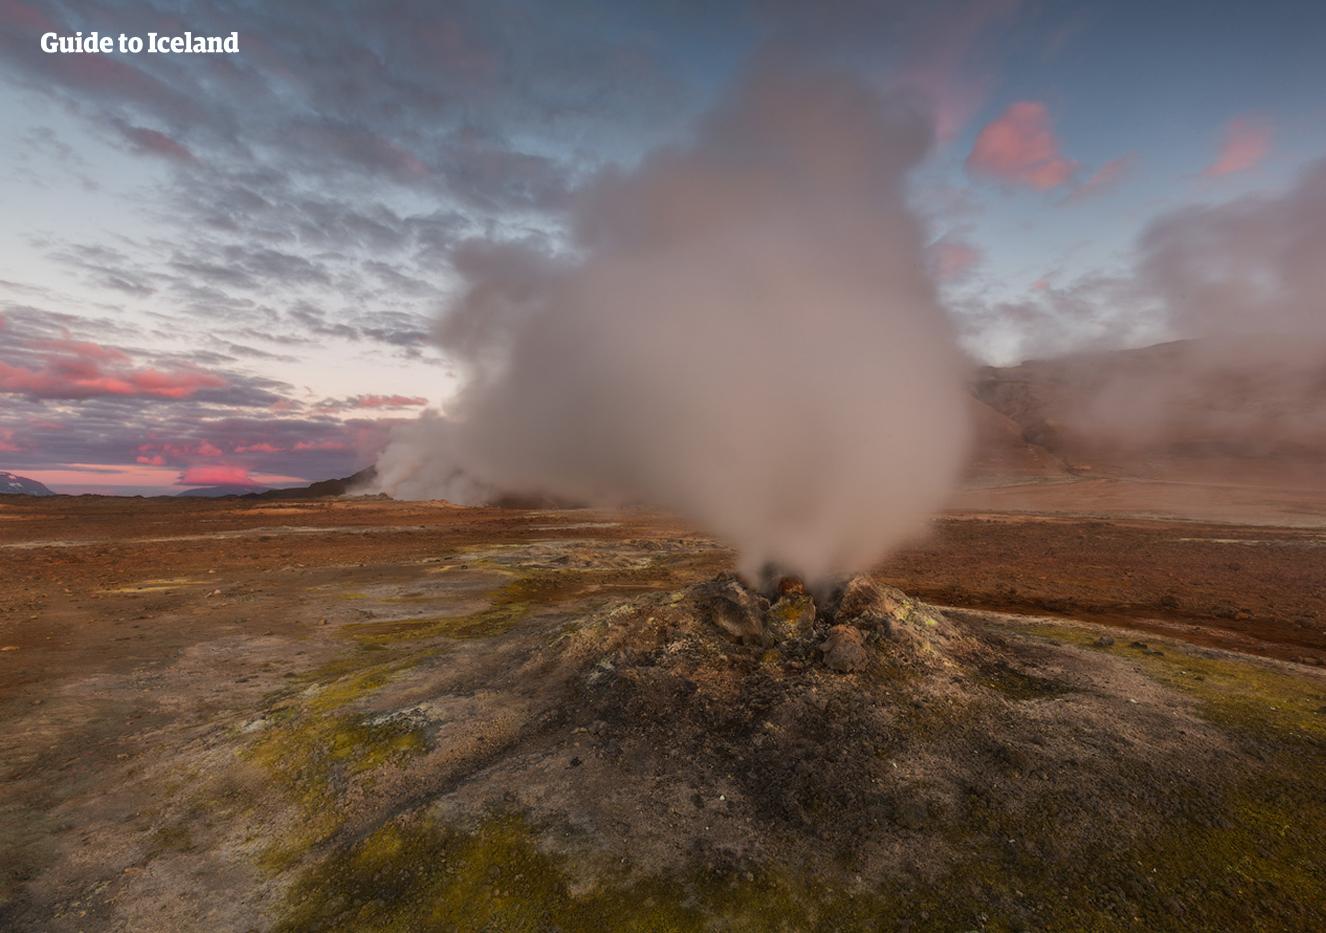 Une fumerolle dans la zone géothermale de Námaskard, près du lac Mývatn.